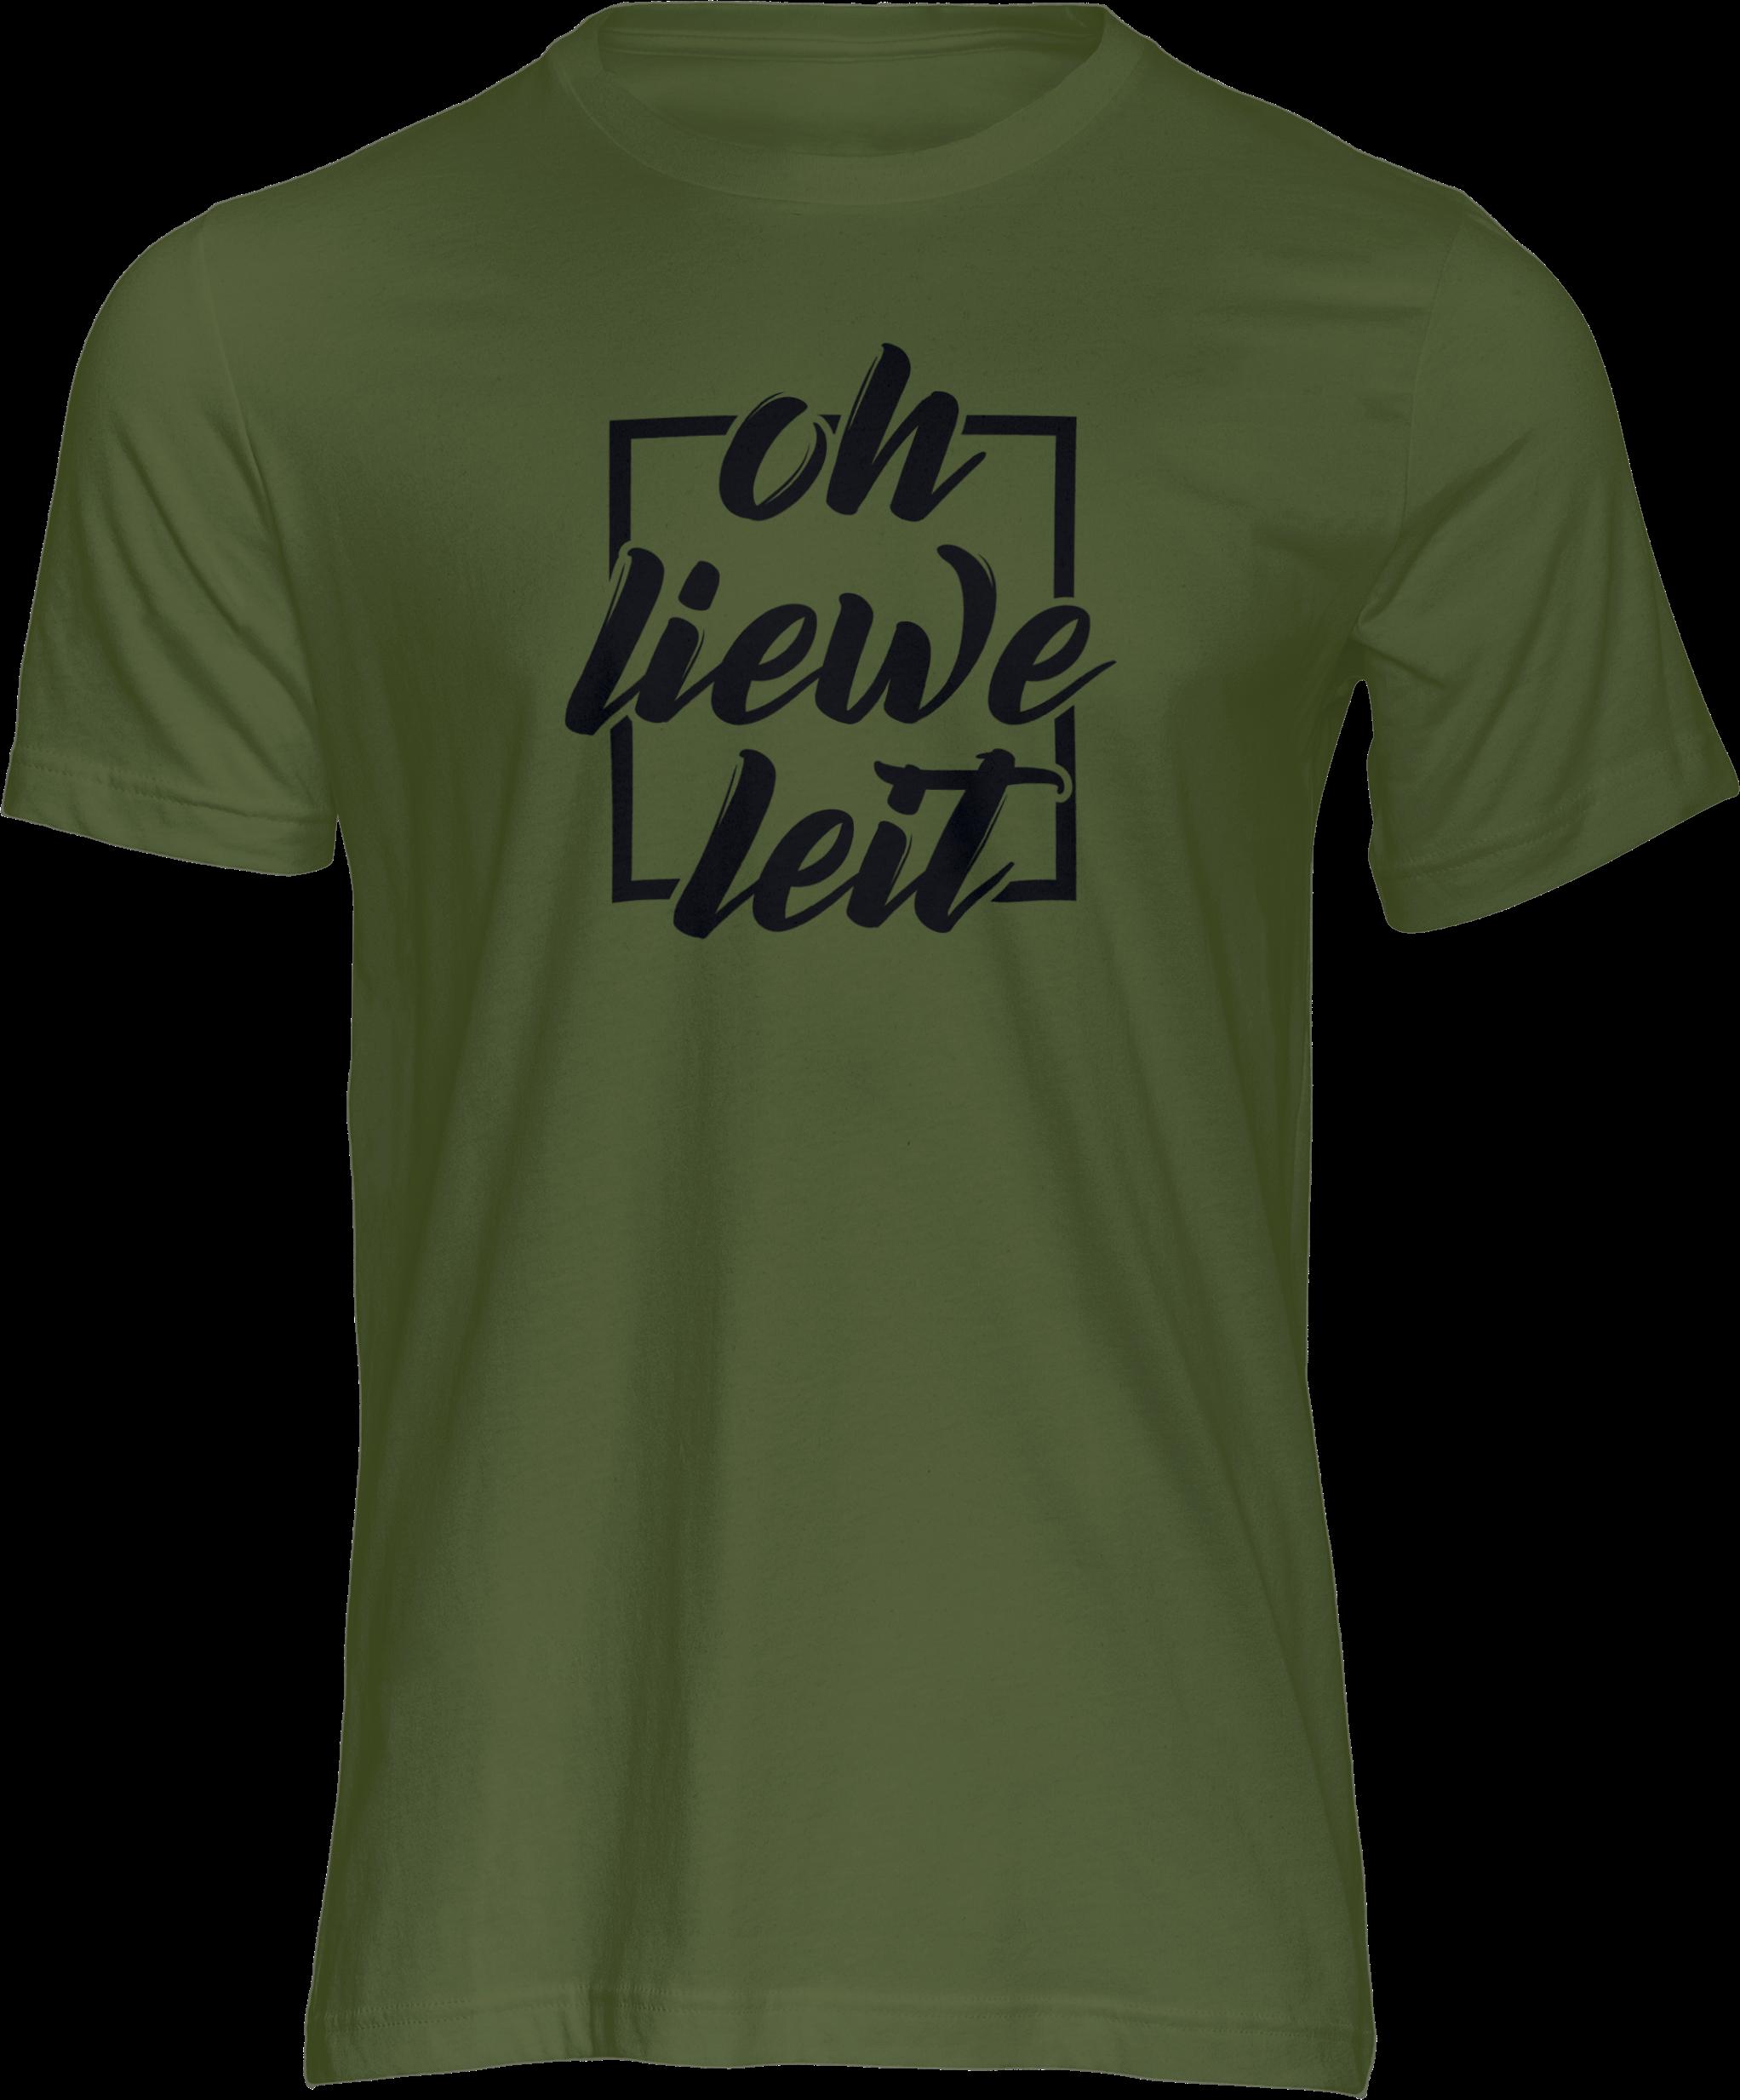 Motiv-Shirt – Oh liewe Leit – T-Shirt (grün)